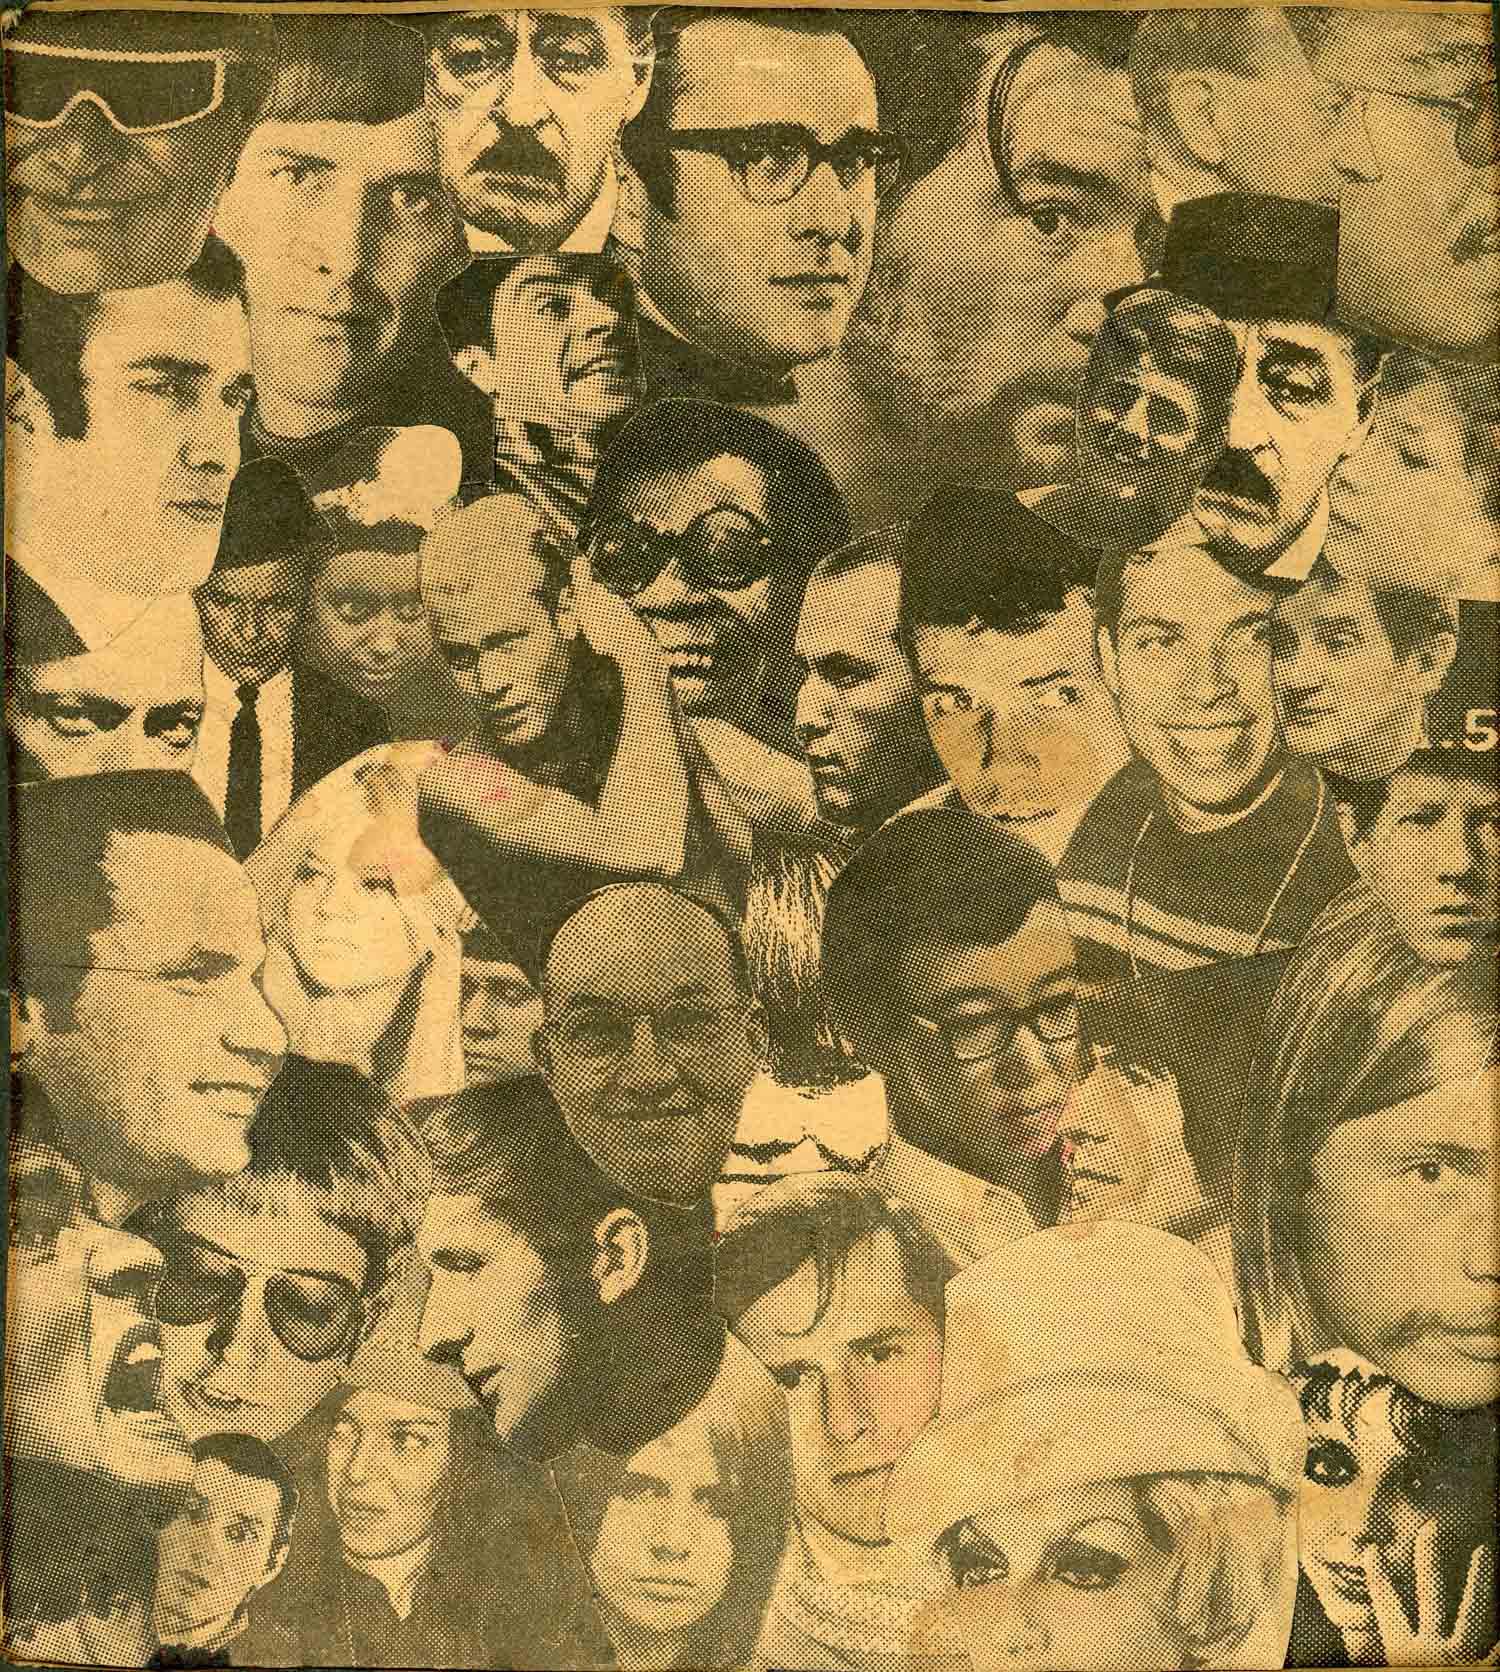 Marc H Miller, Collage, c. 1972.